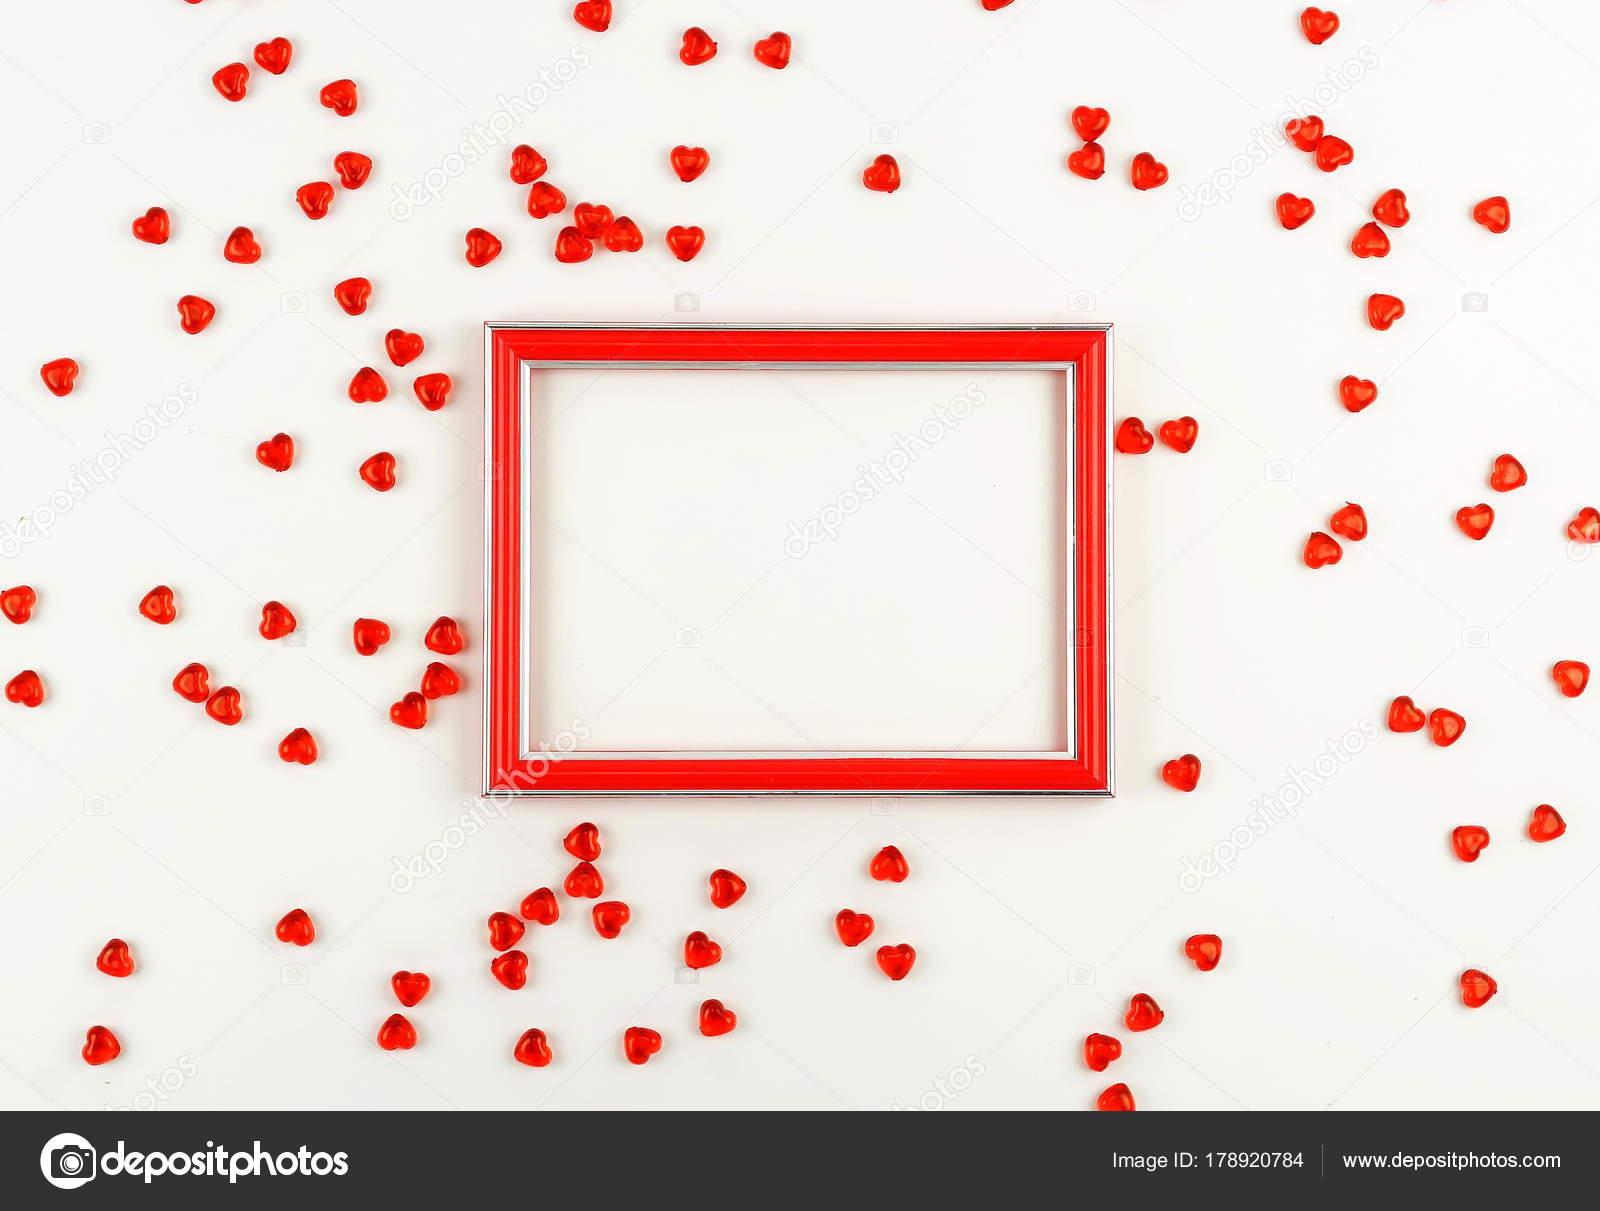 Valentinstag Konzept Roter Rahmen Und Roten Herzen Auf Einem Weißen ...